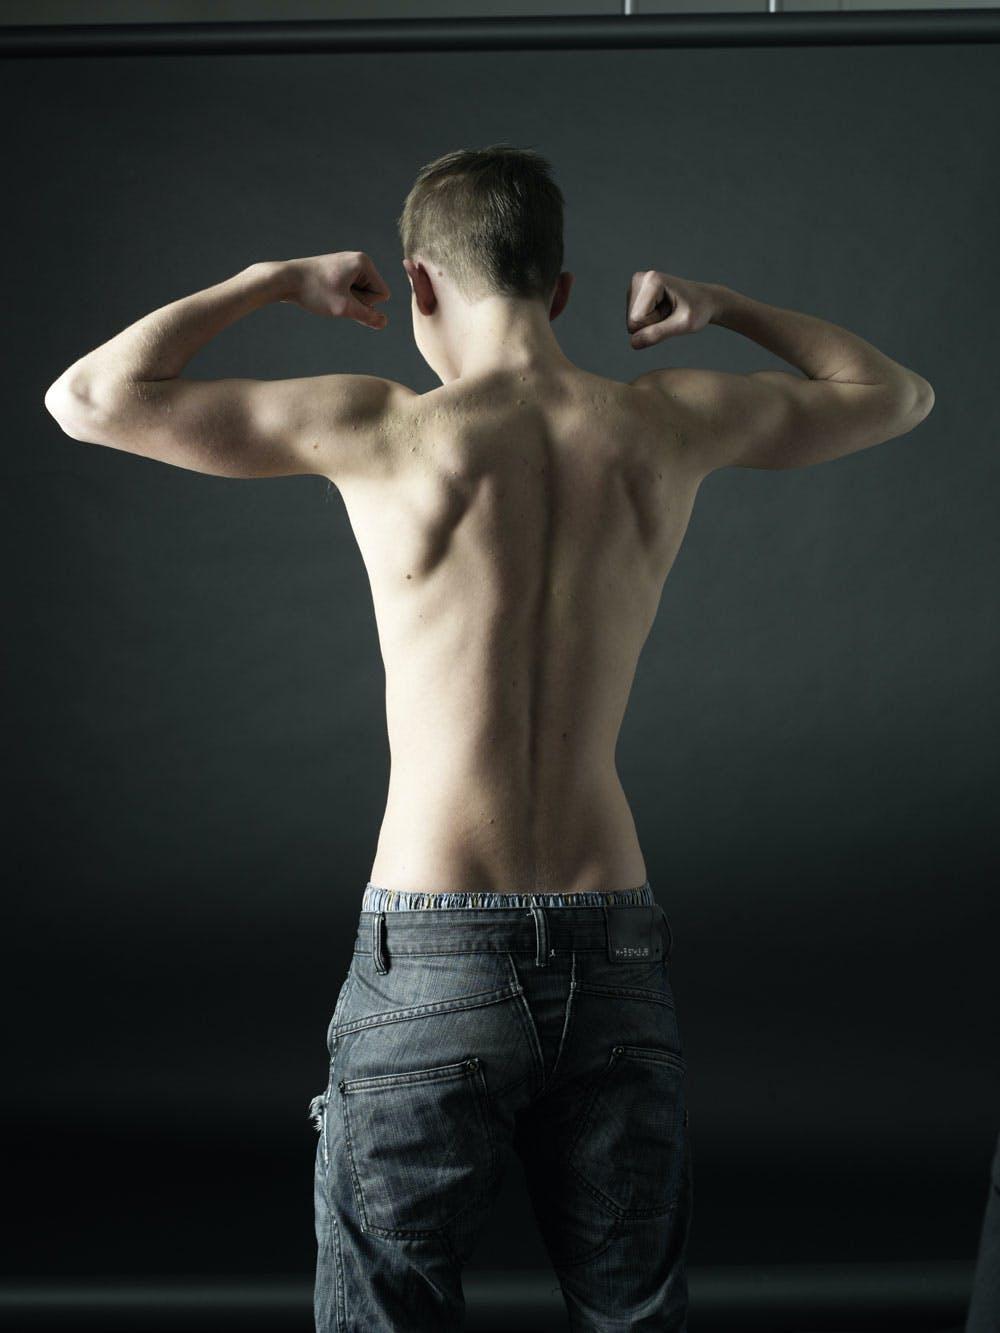 vand i kroppen efter vægt swinger com